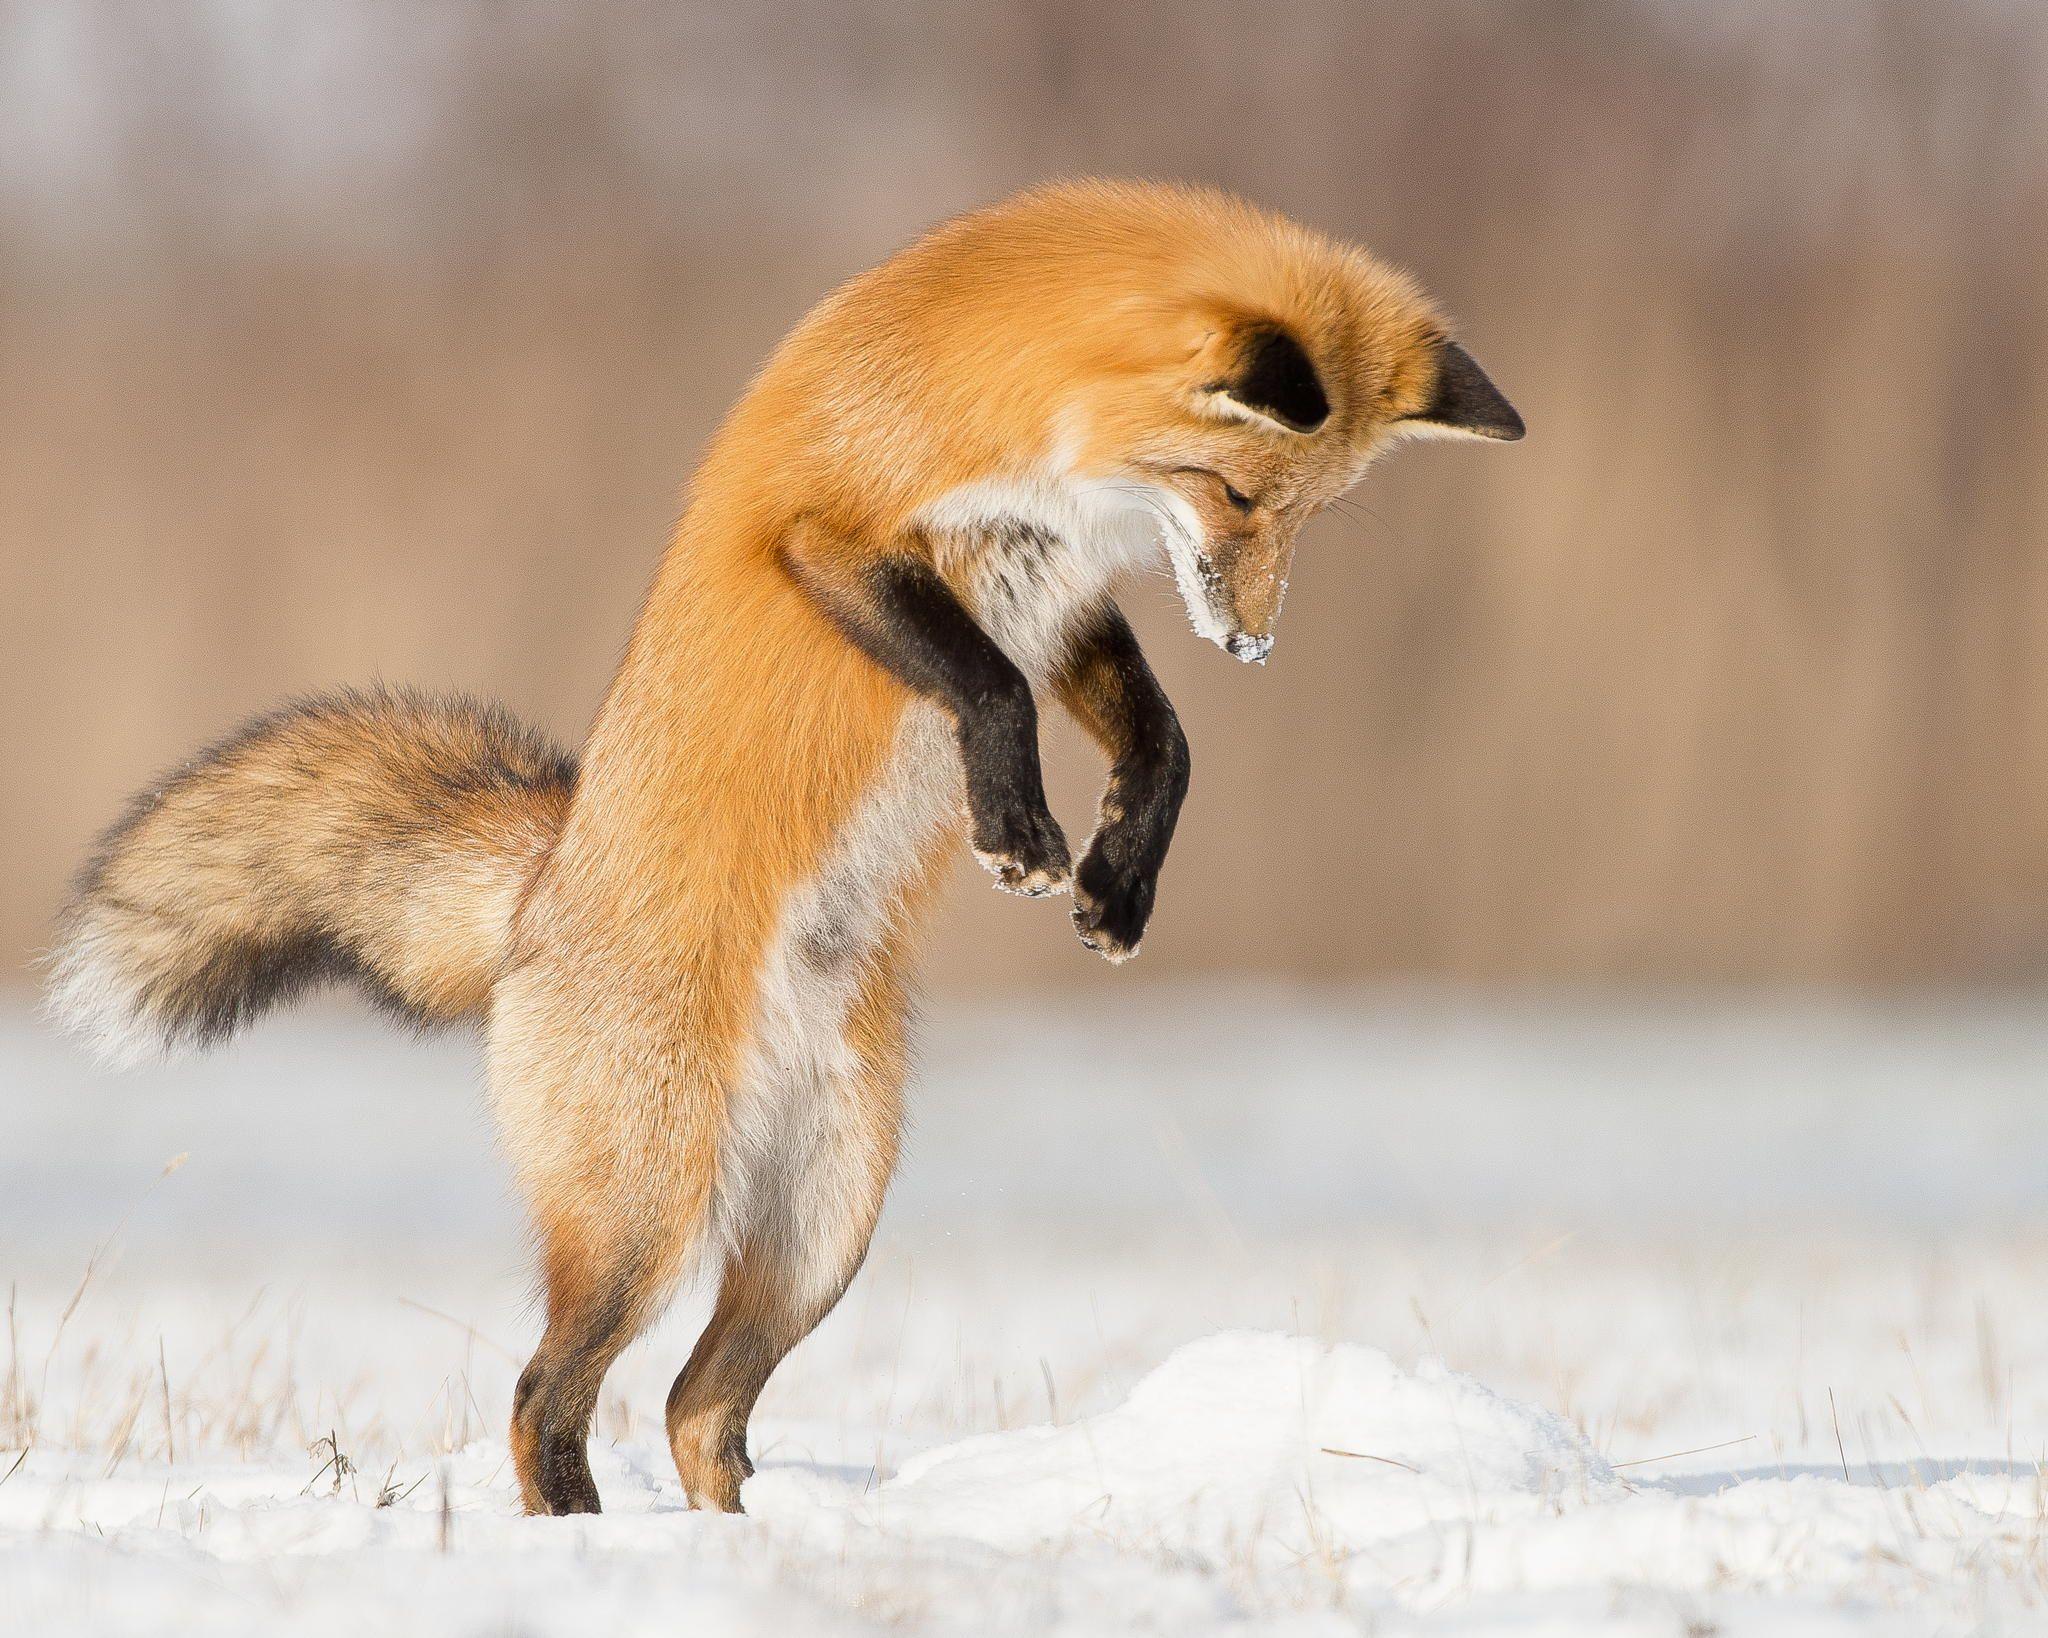 Jump by Maxime Riendeau - Photo 53668244 - 500px